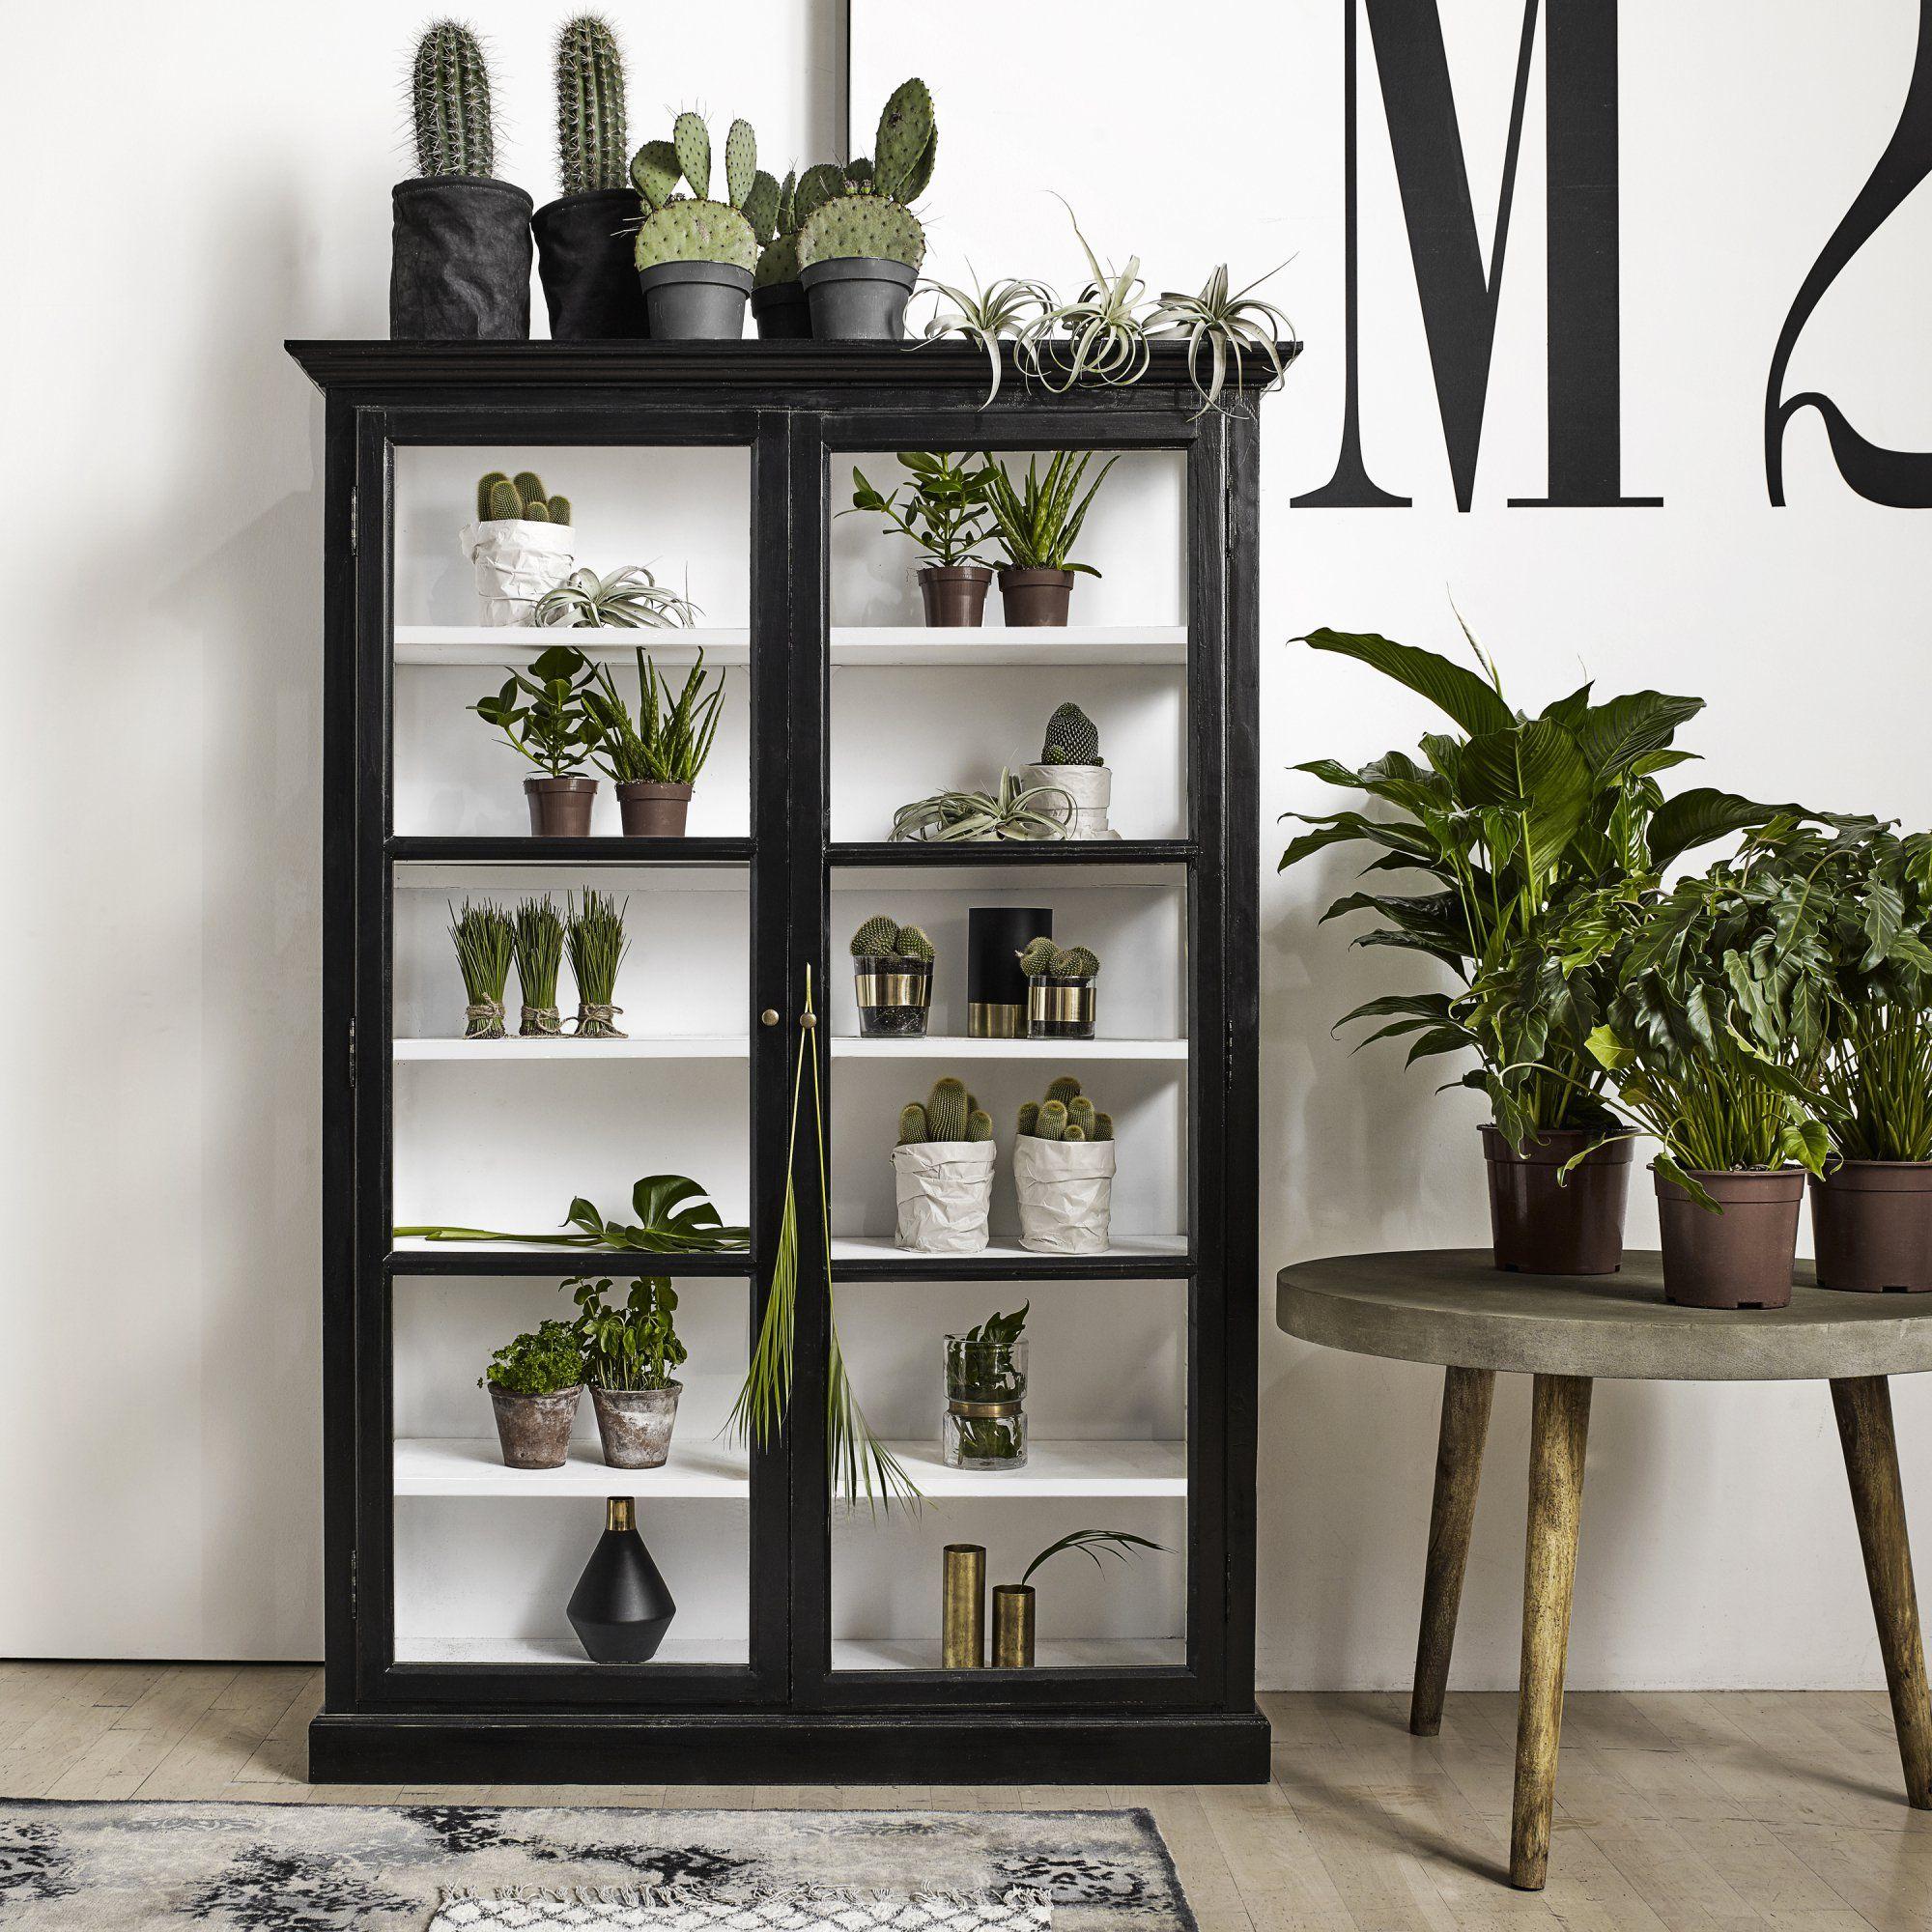 Wonderful Meuble Vitrine En Bois Noir Et Porte Vitrée Pour Exposer Ses Plantes Dans  Le Salon